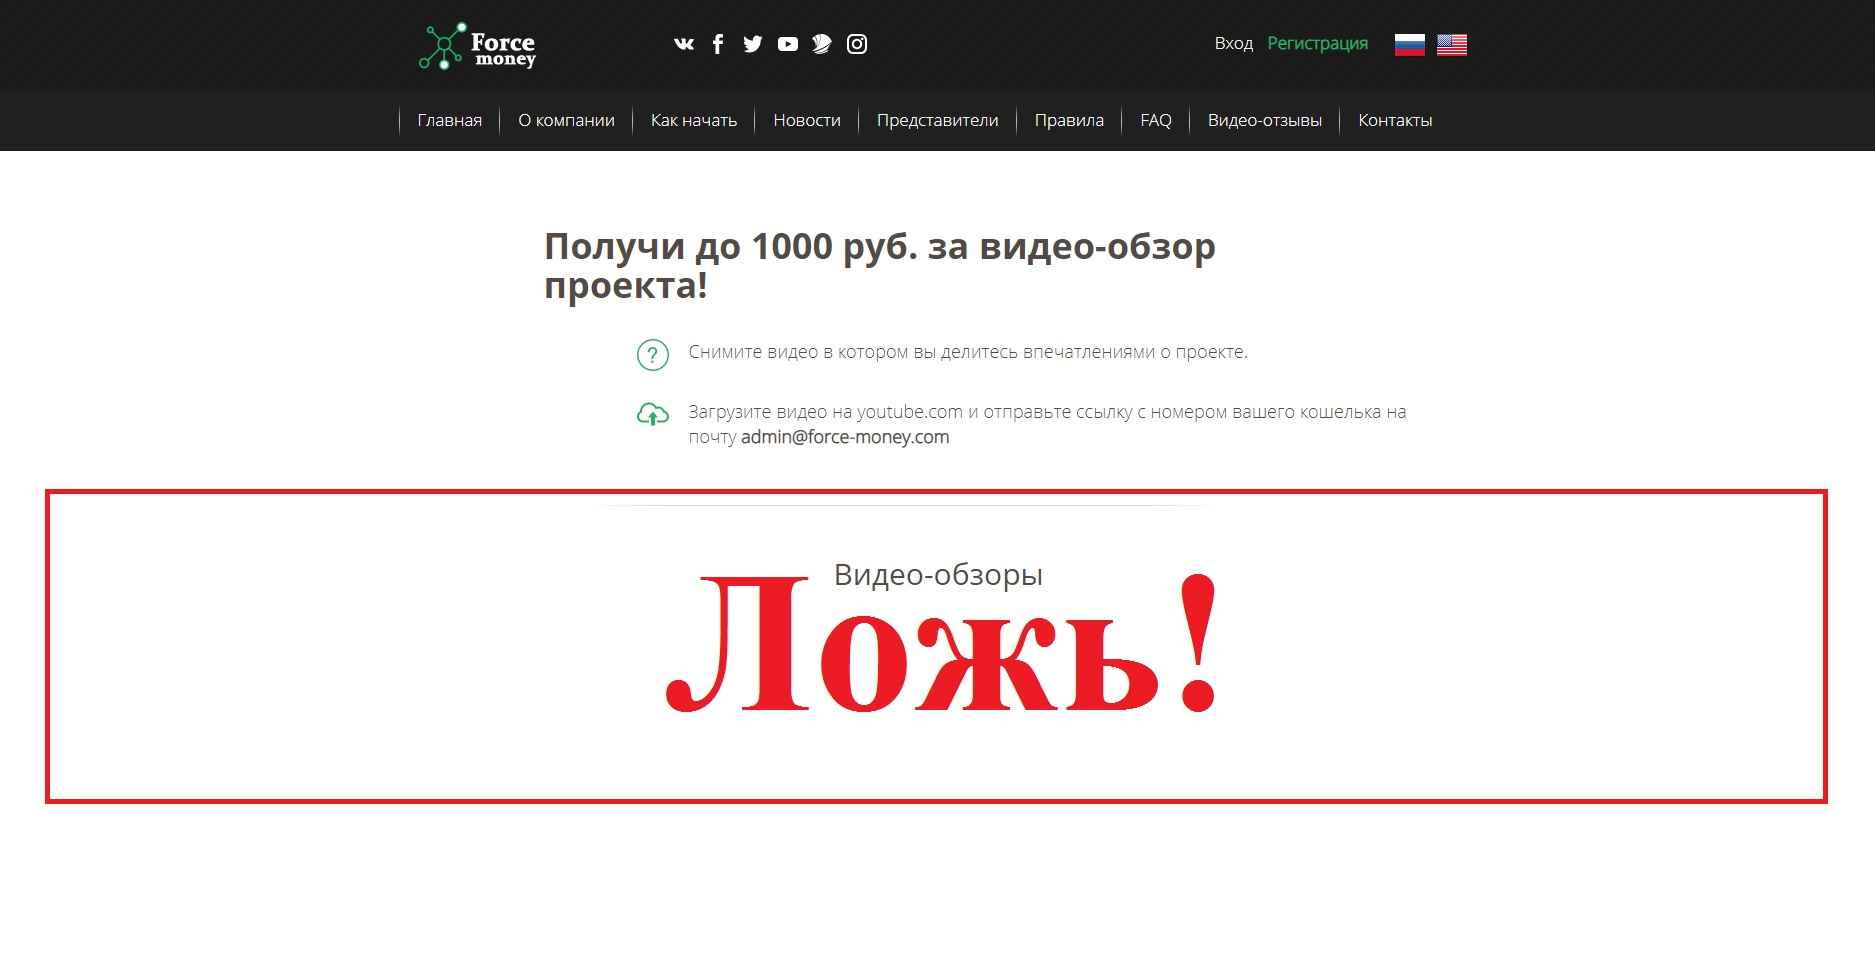 Force Money: обзор и отзывы о force-money.com